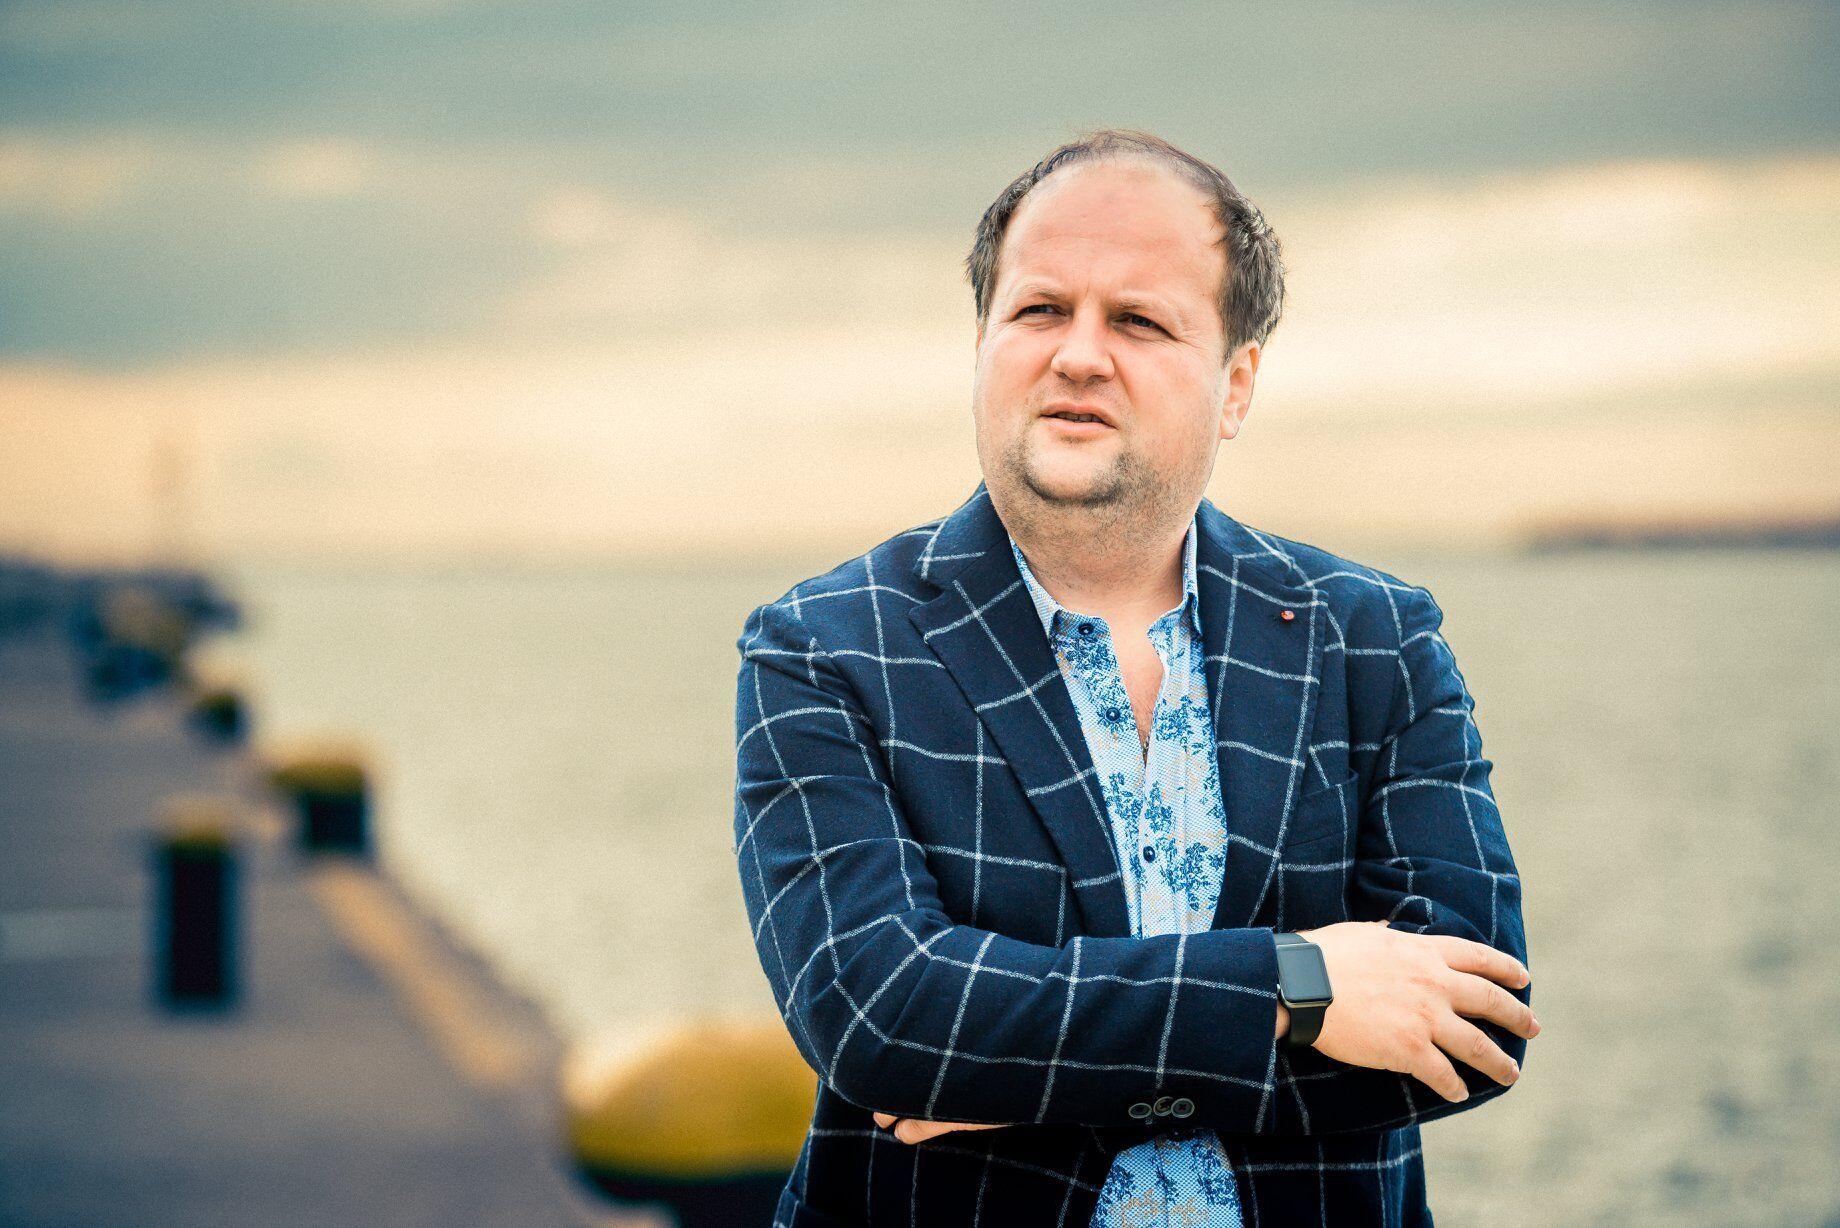 """Лідер гурту """"ТІК"""" Віктор Бронюк зібрався в політику. molagroup.com.ua"""